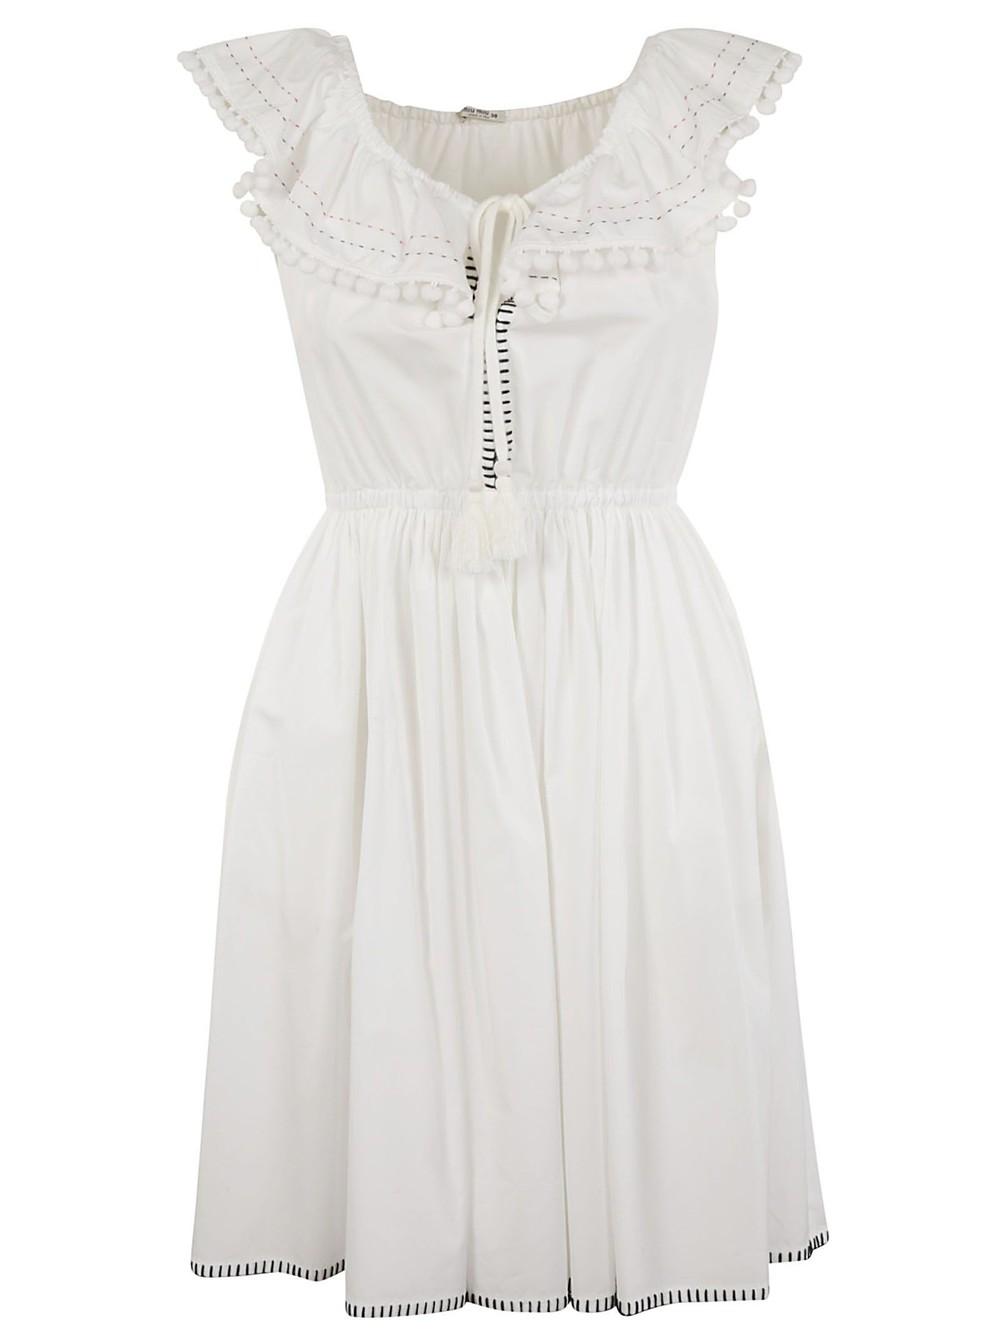 Miu Miu Off-the-shoulder Dress in white